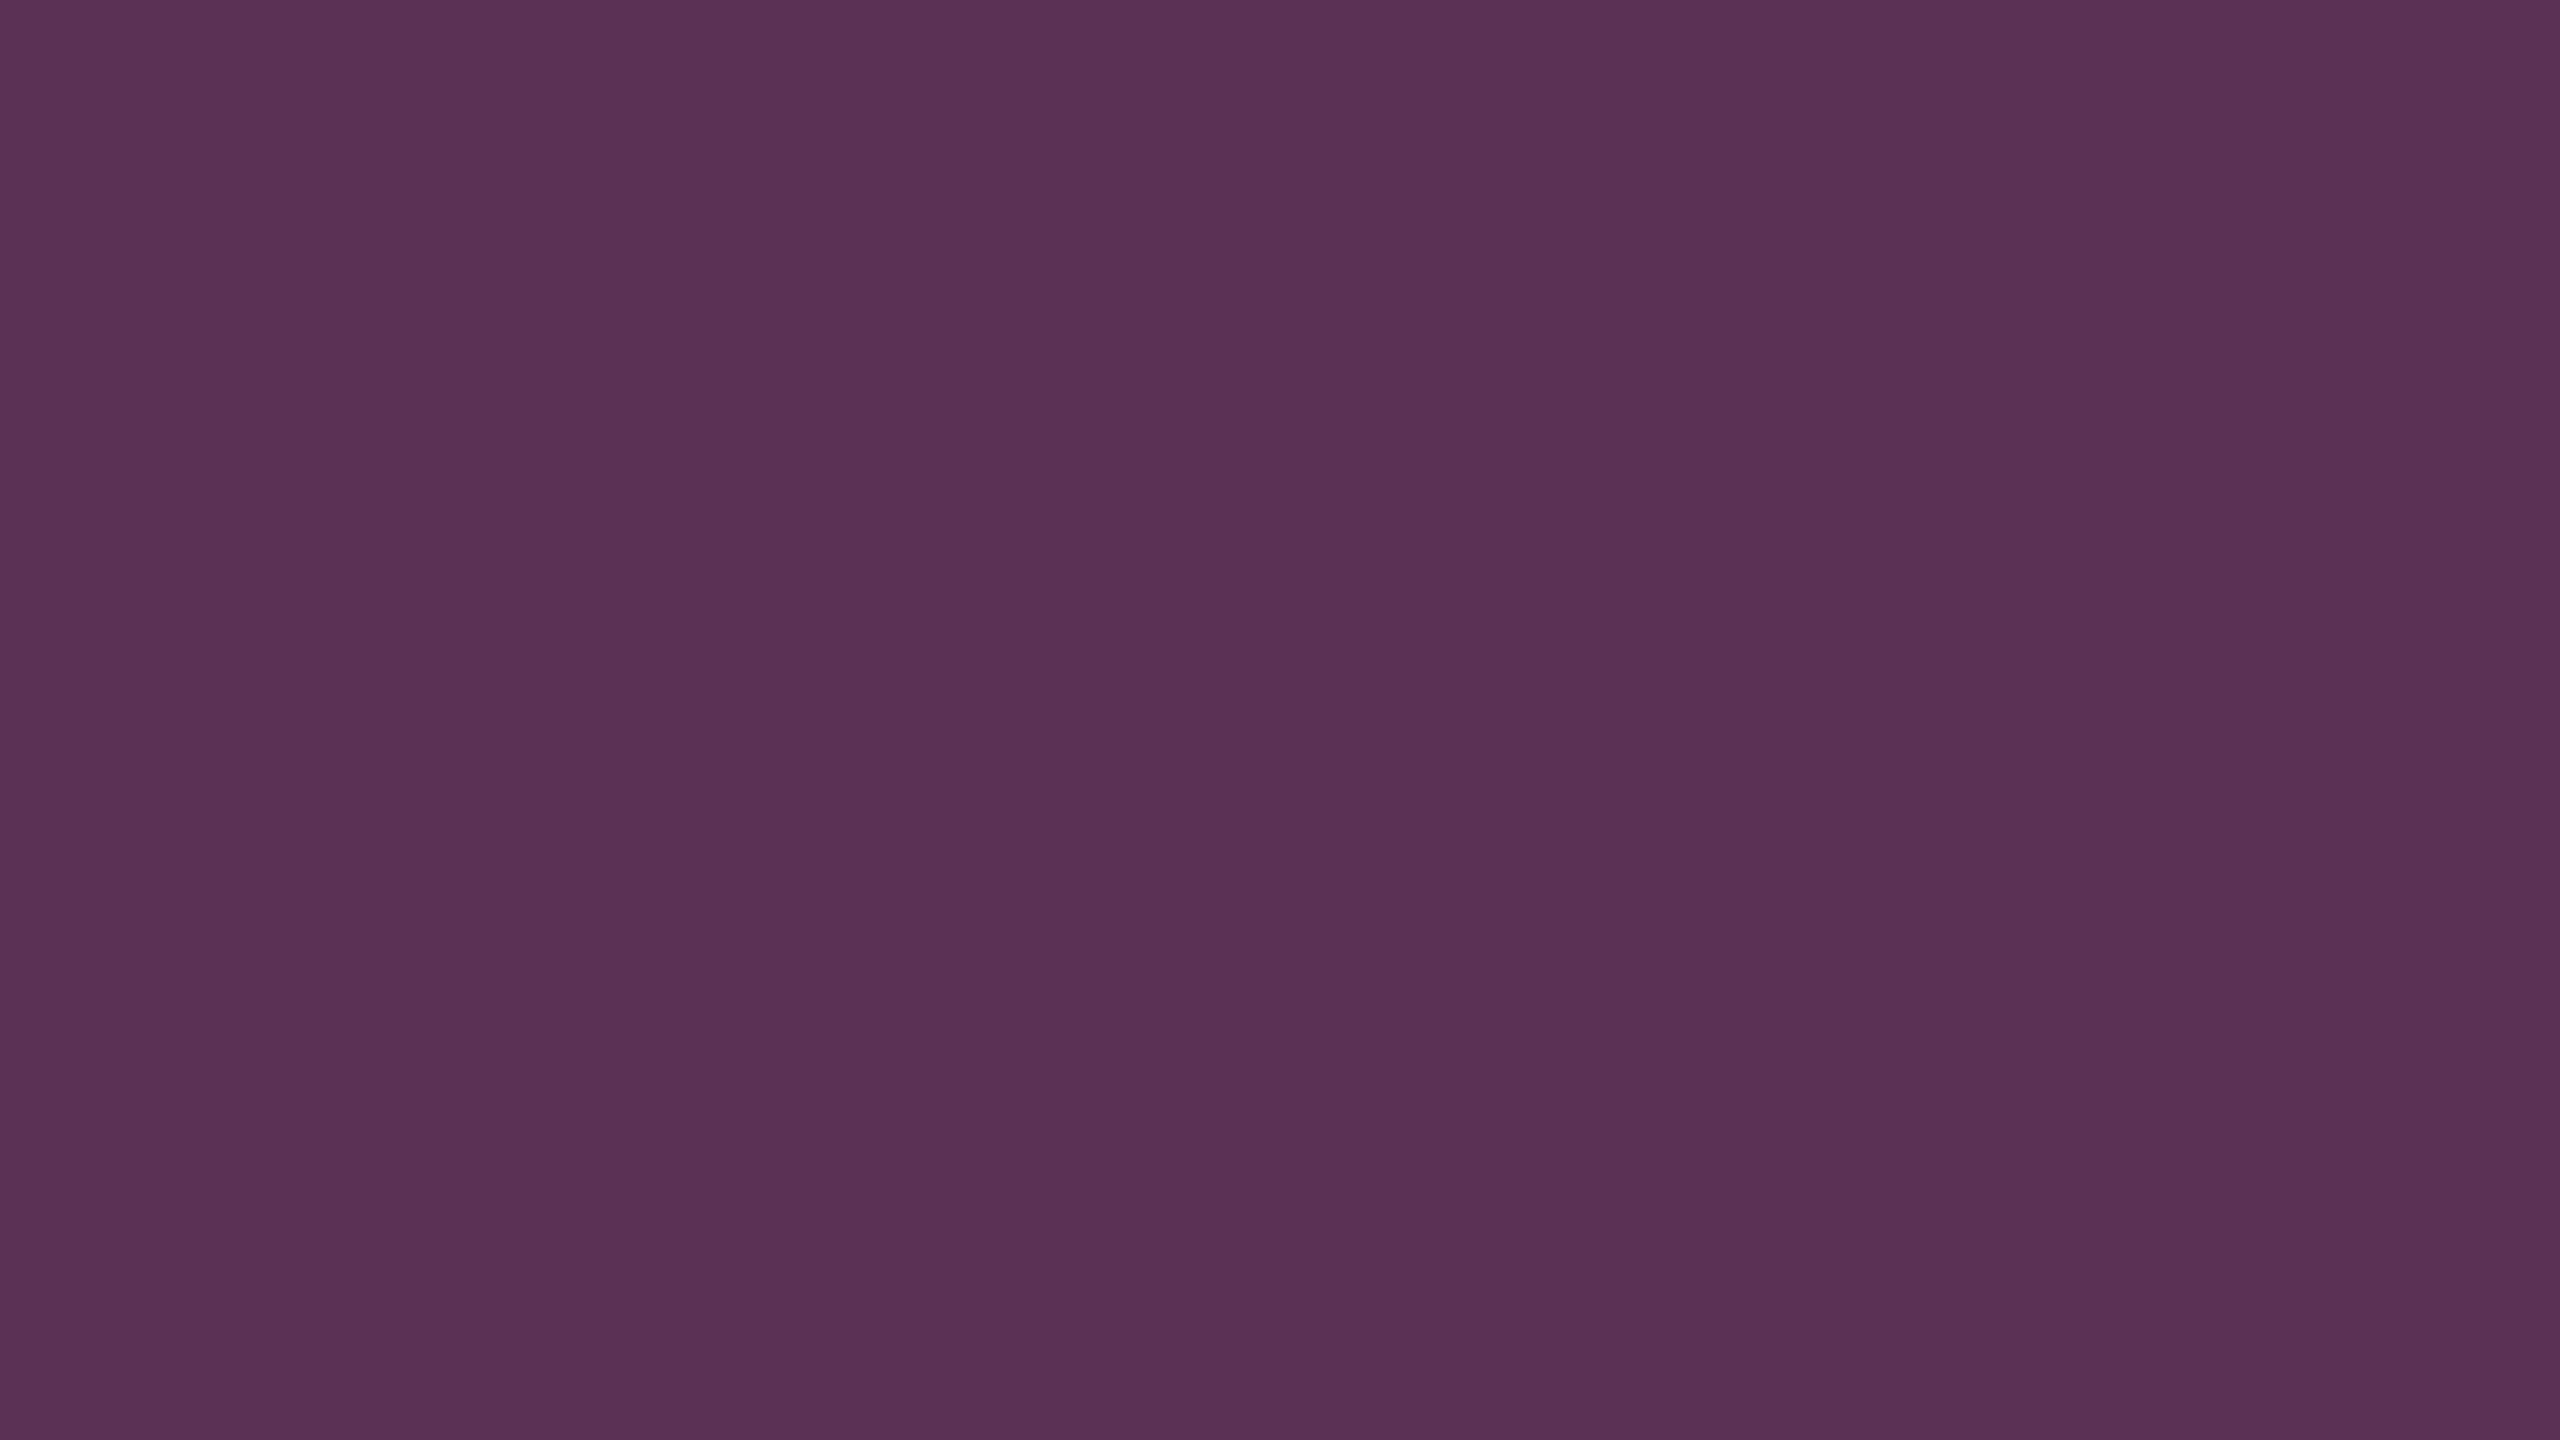 2560x1440 Japanese Violet Solid Color Background